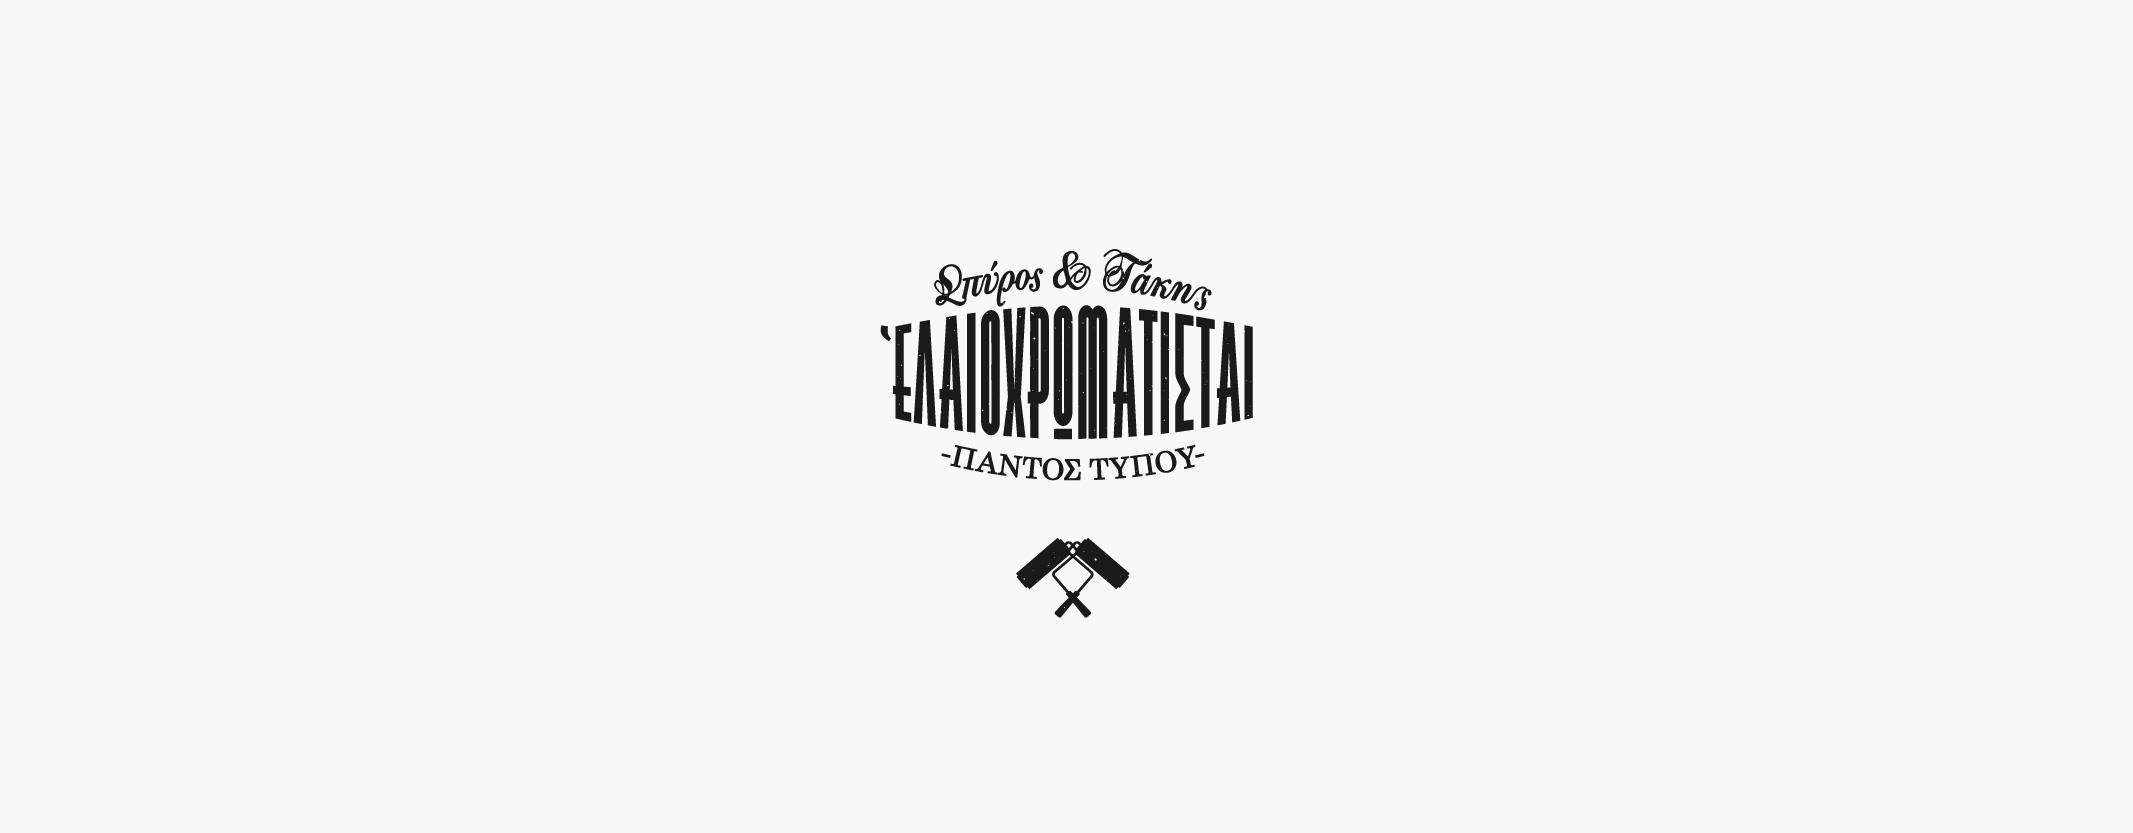 9_logos_elaioxrwmatiste